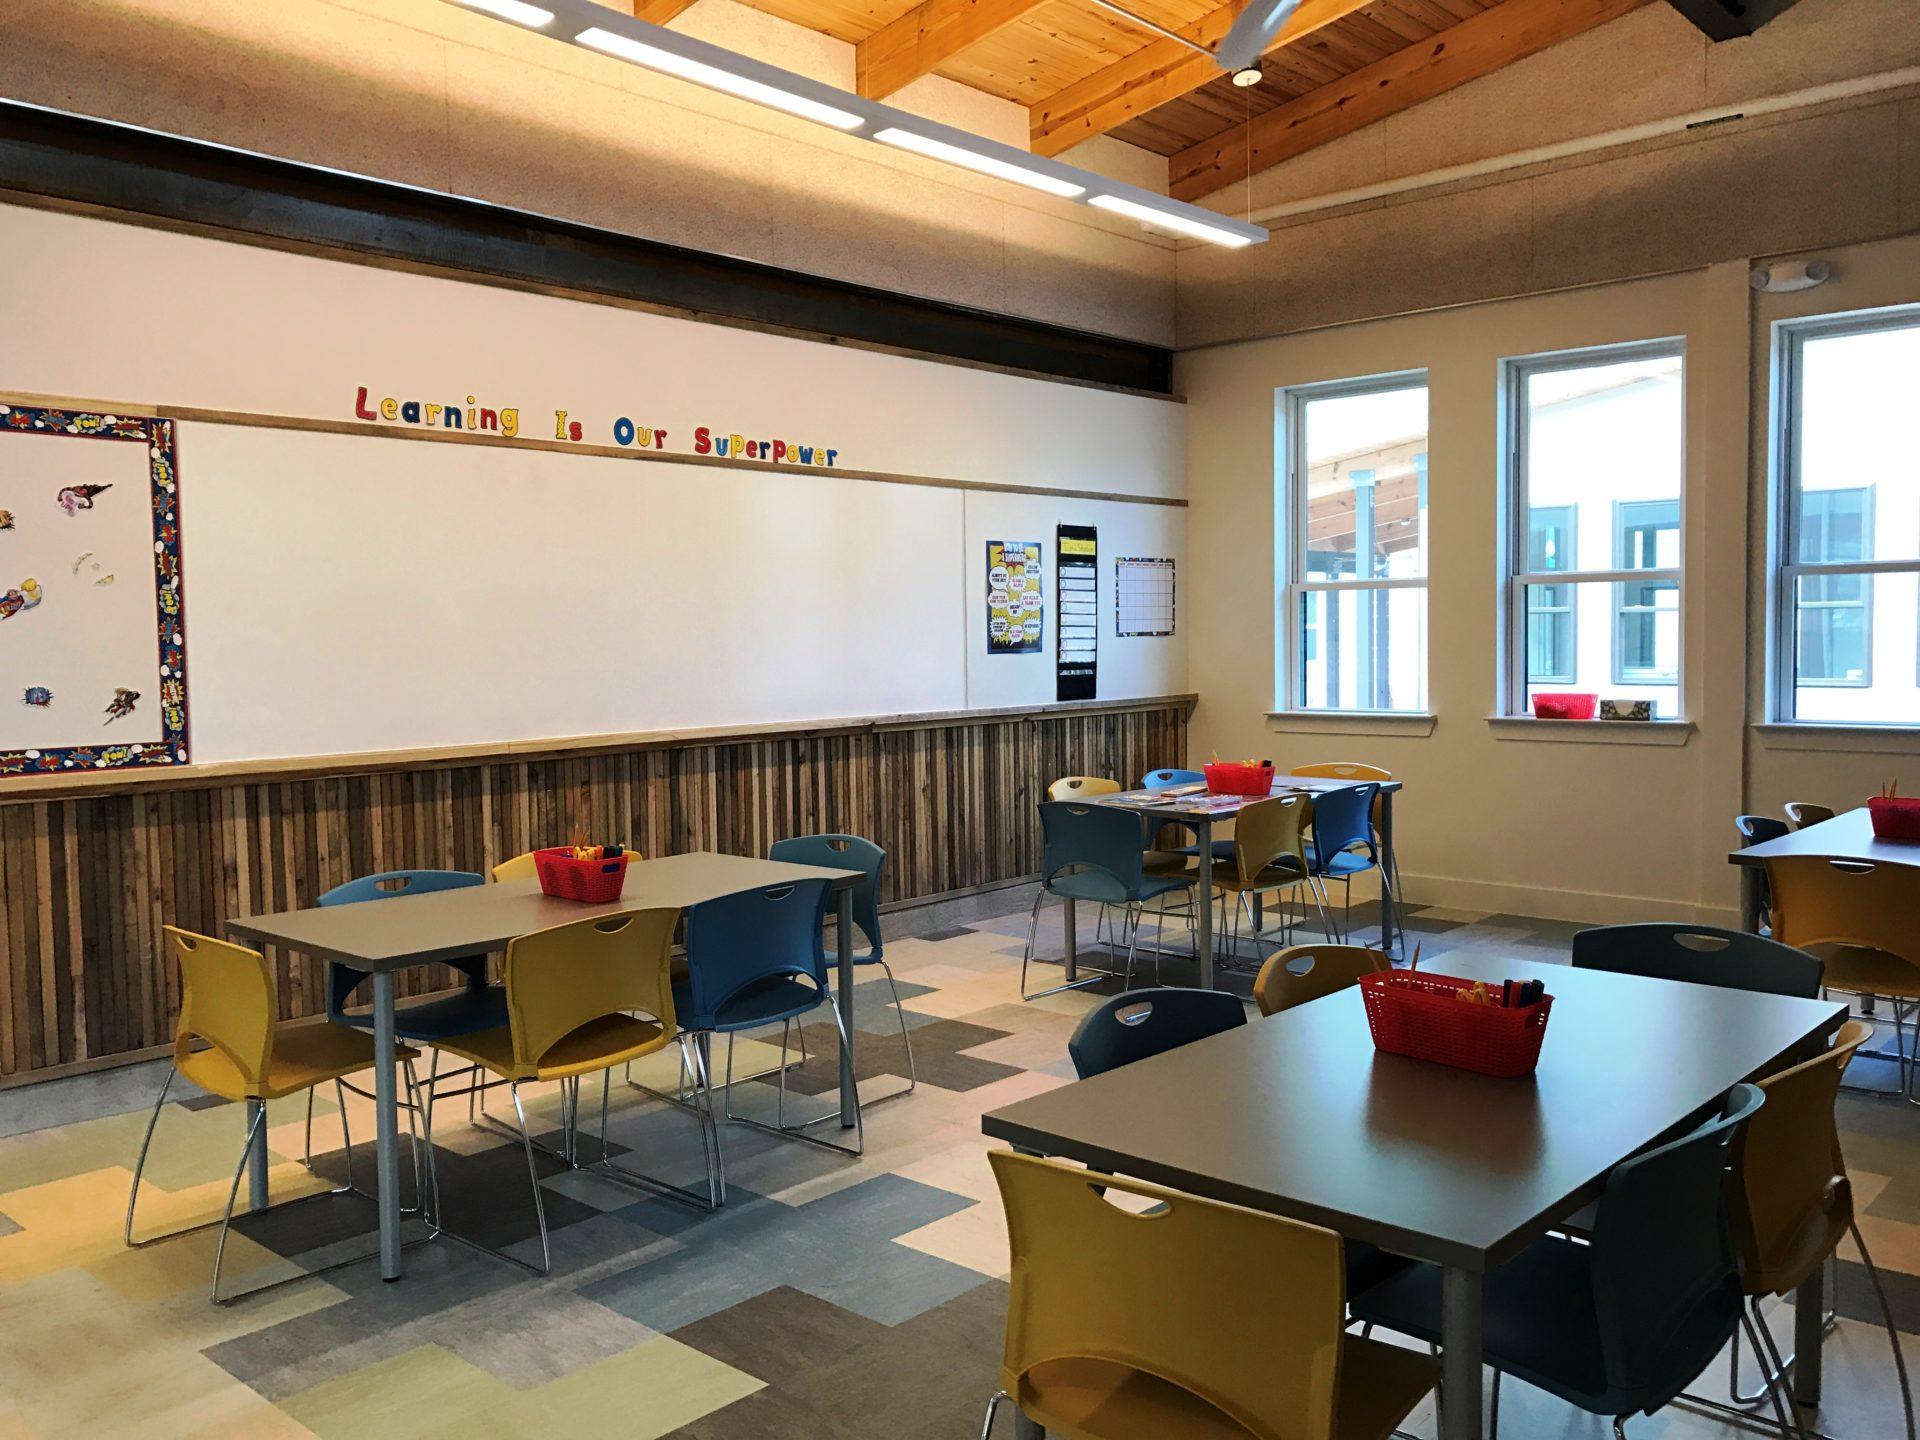 El Centro de Aprendizaje de Lakeline Station proporcionará una variedad de servicios de apoyo, incluyendo programas de aprendizaje y clases de fitness, nutrición y manejo de dinero.